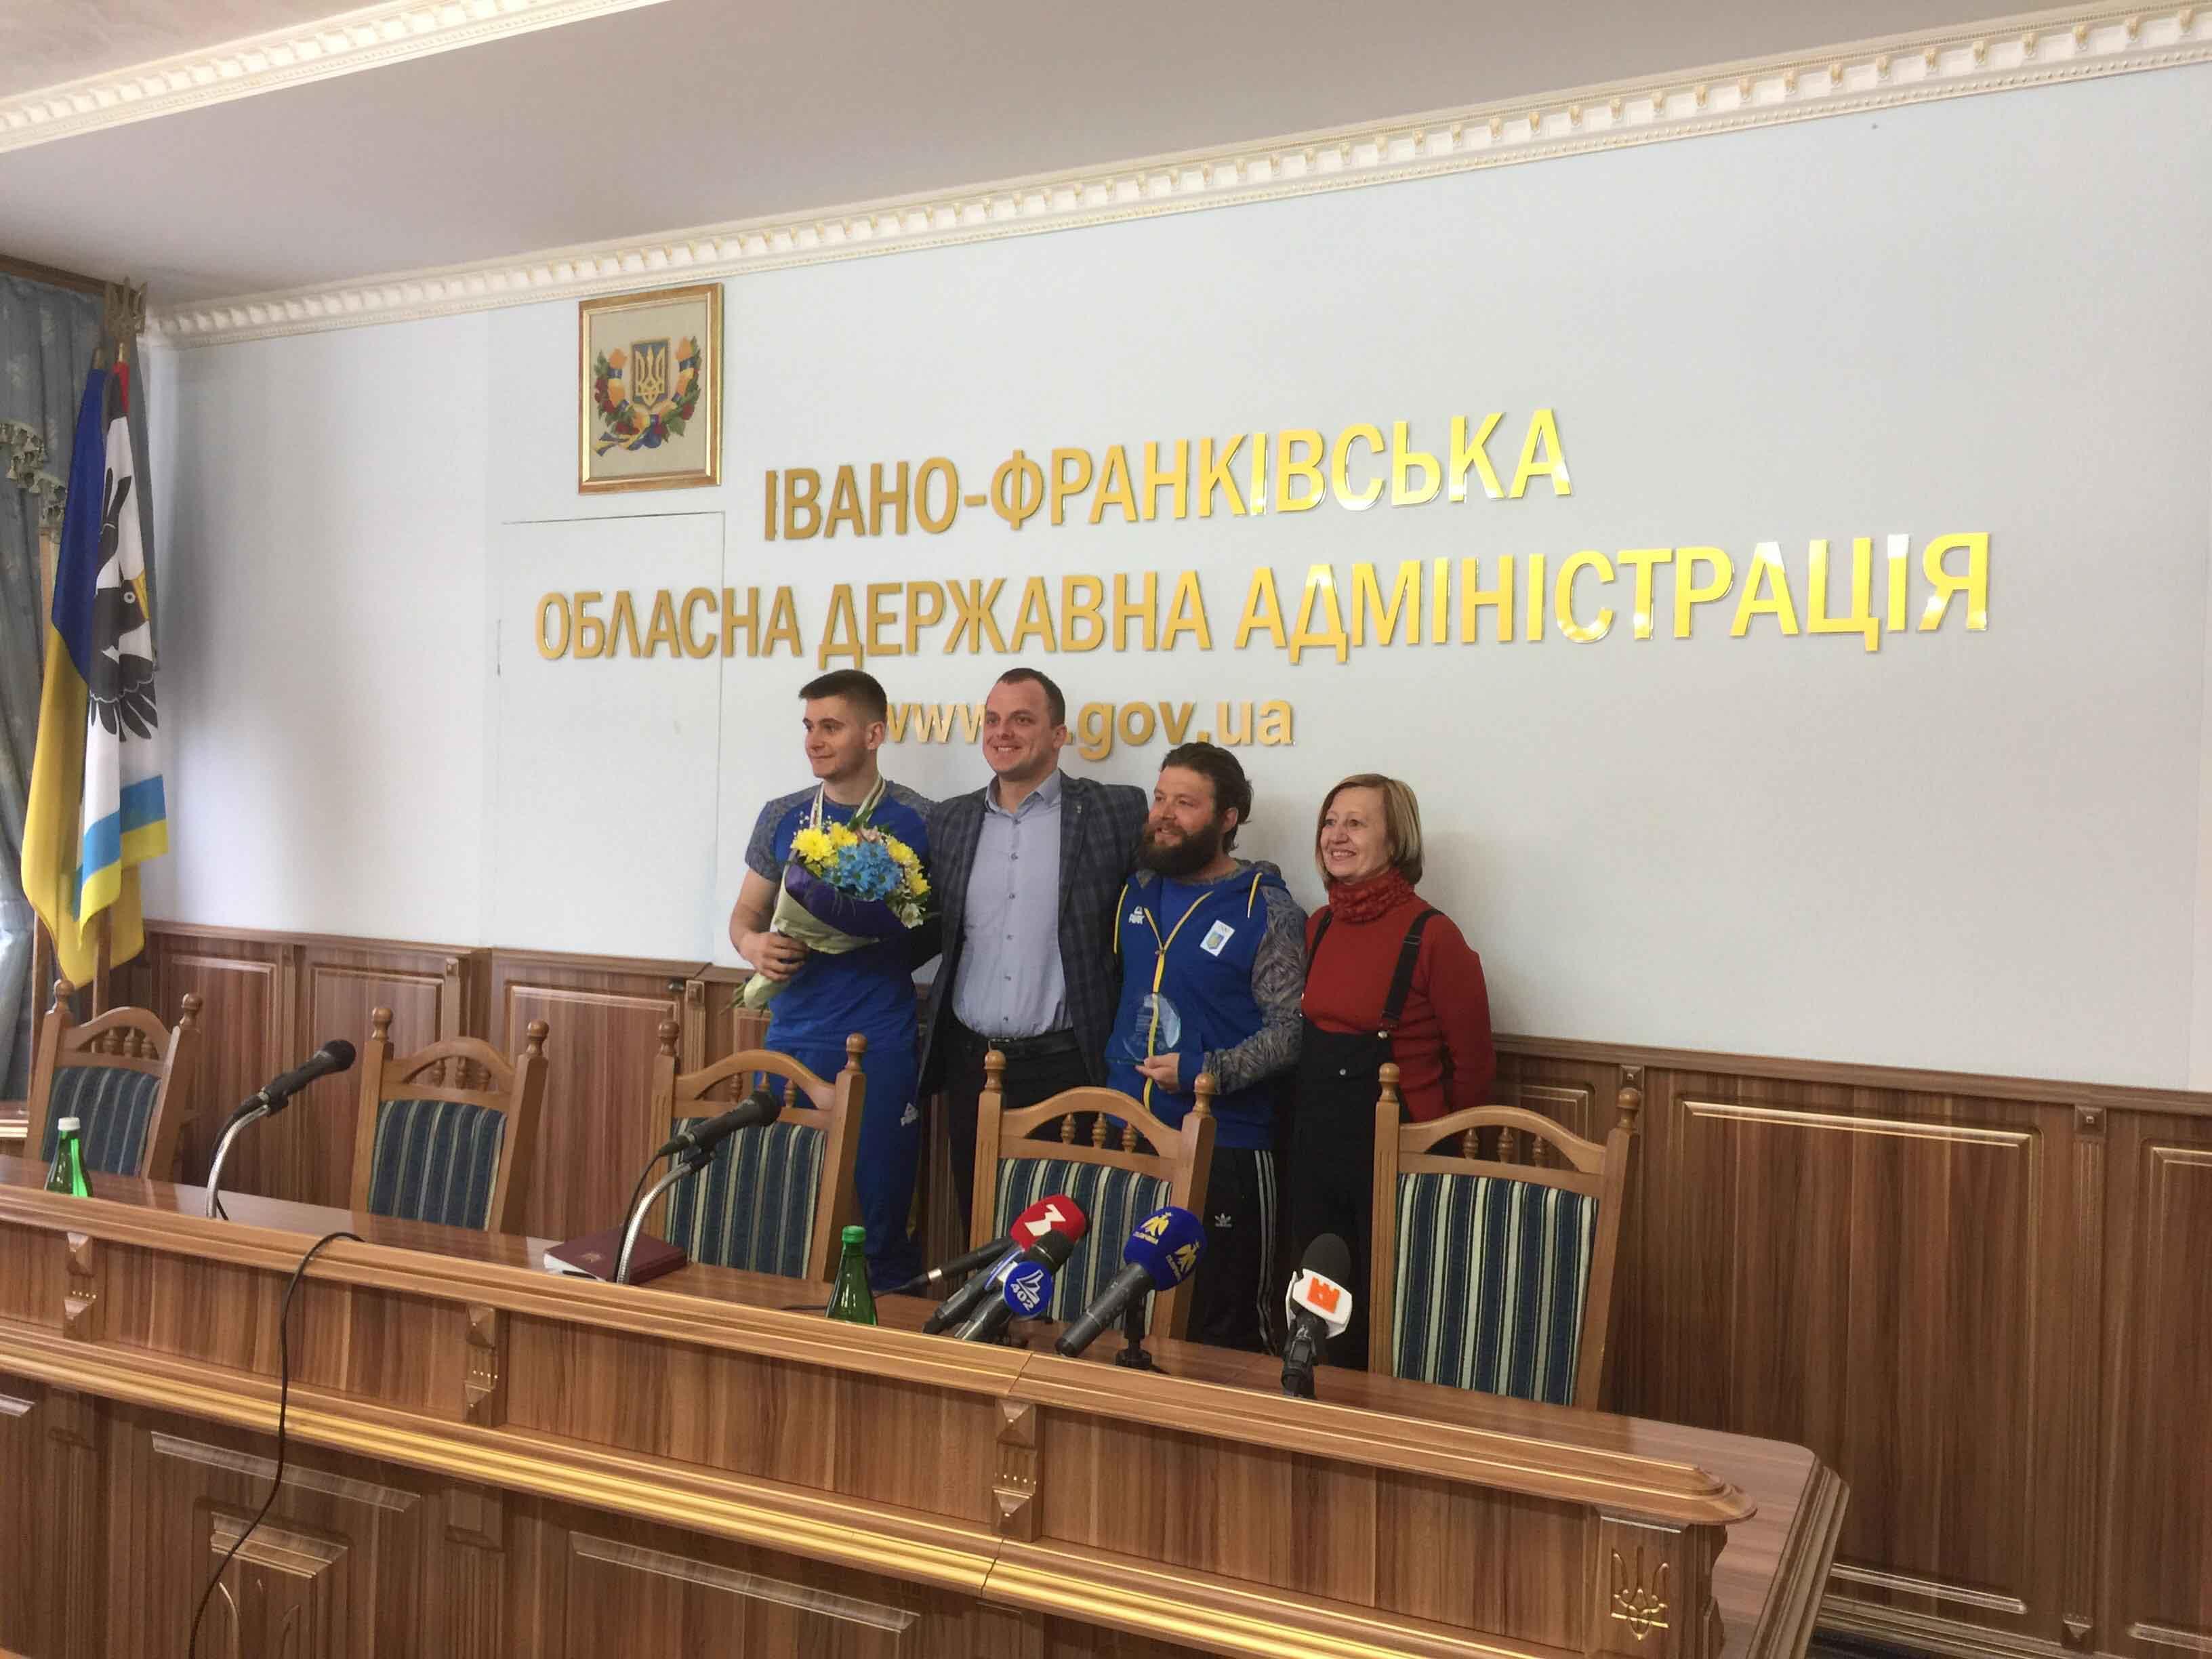 Юний прикарпатець розповів про перемогу на чемпіонаті світу зі сноубордингу (ФОТО)